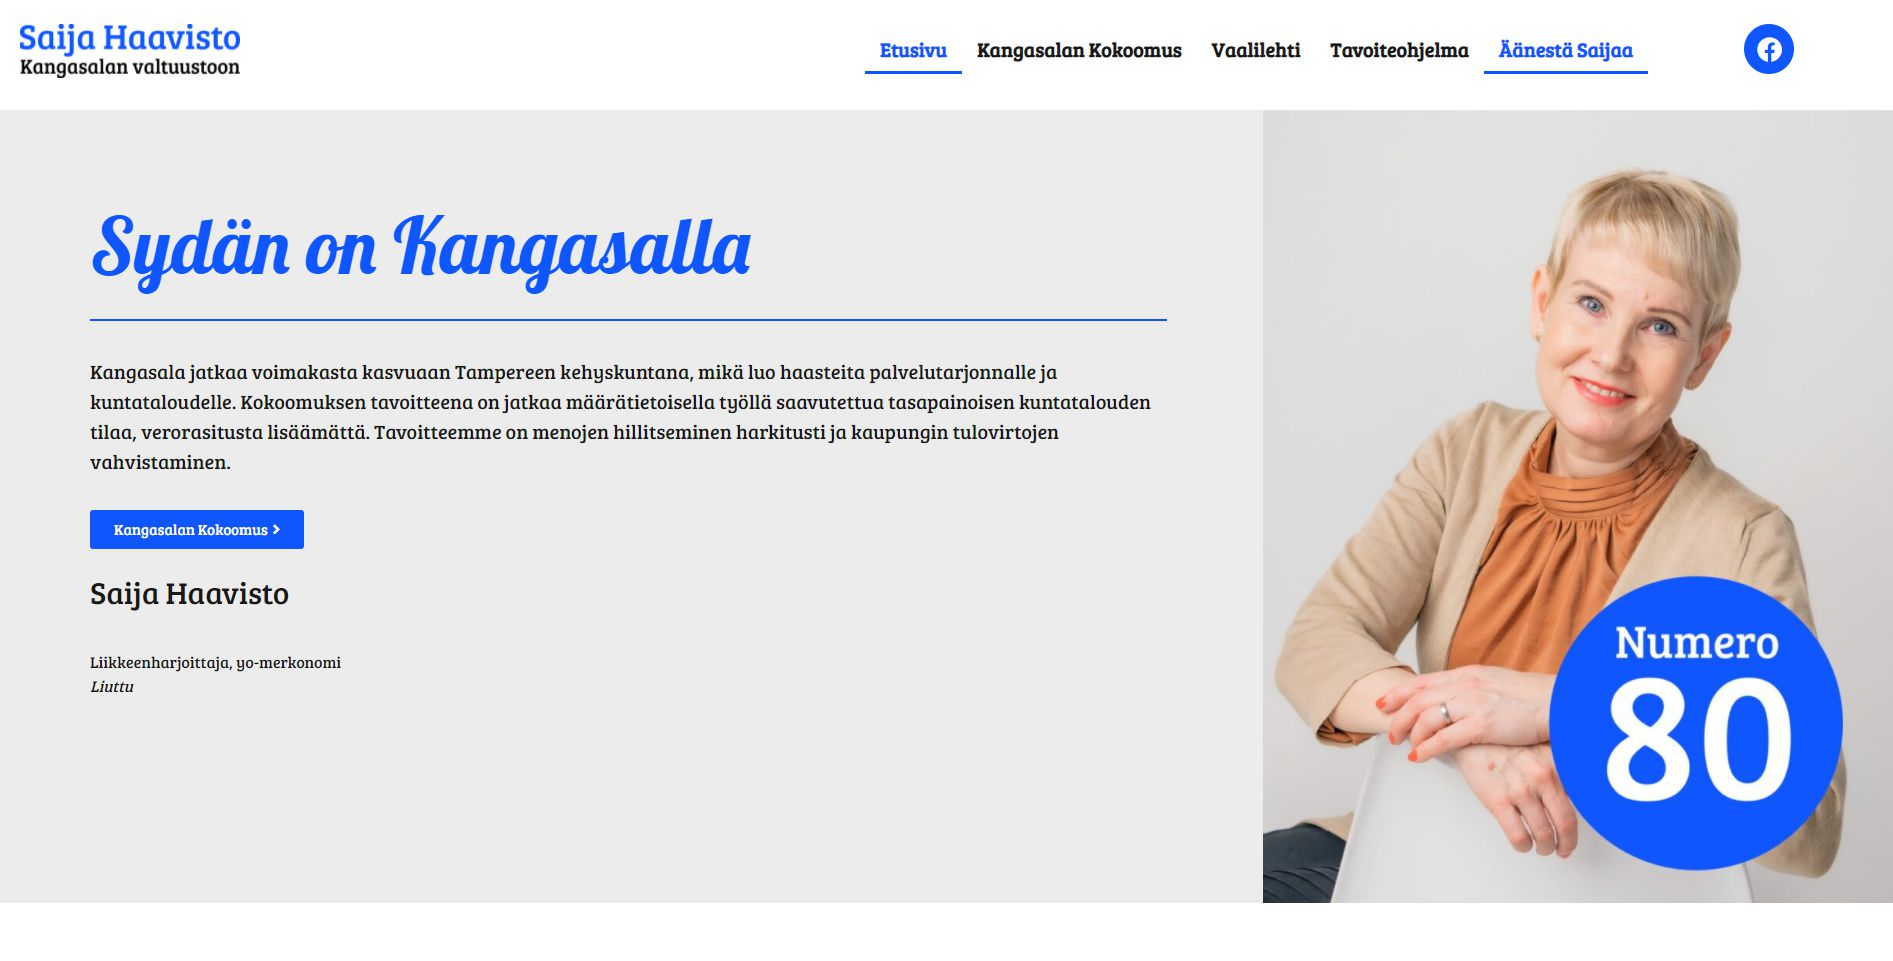 Saija Haavisto